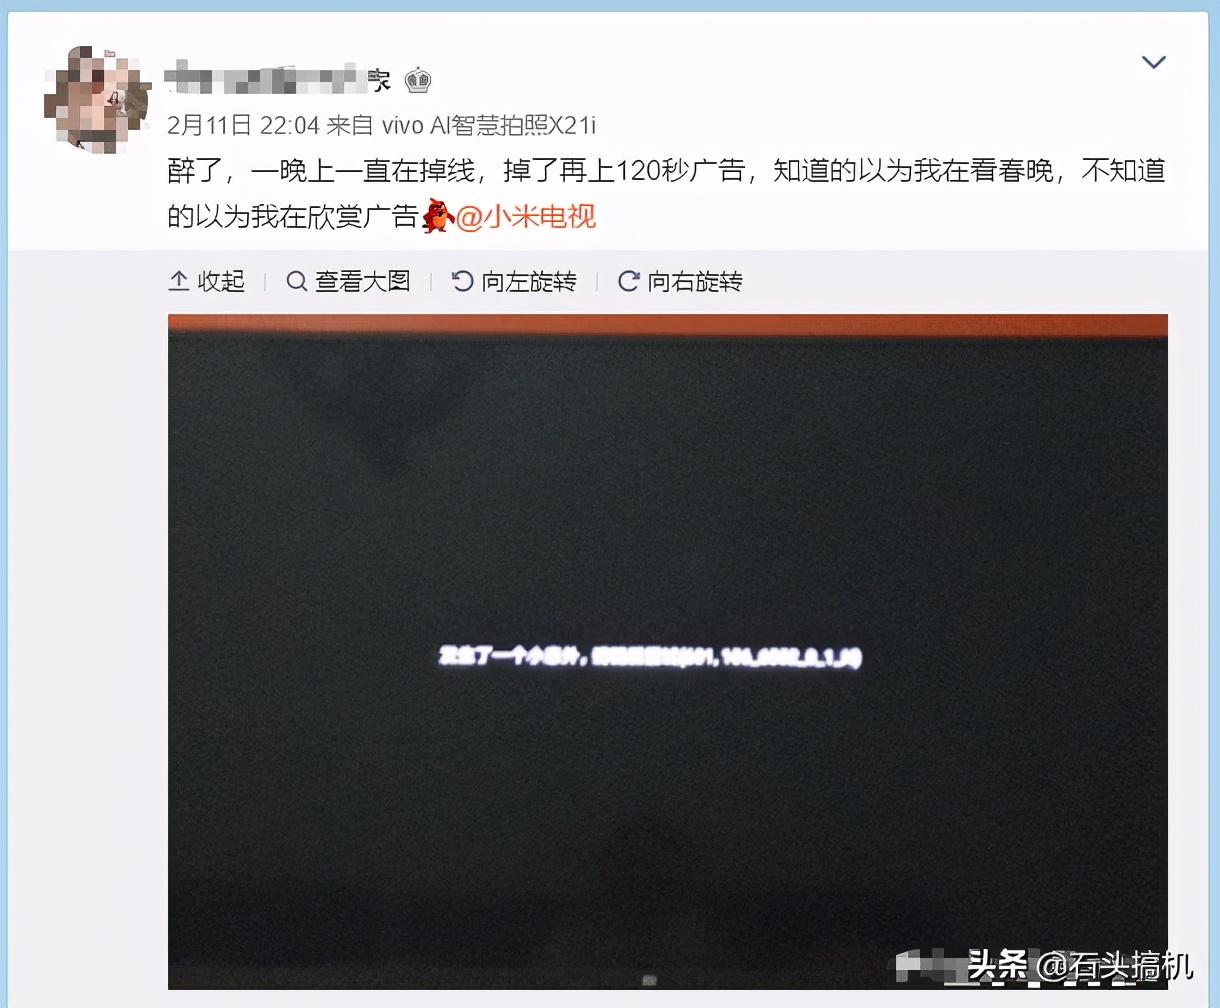 看春晚,小米电视频频掉线,不要背这个锅!猕猴桃电视台发表声明并道歉